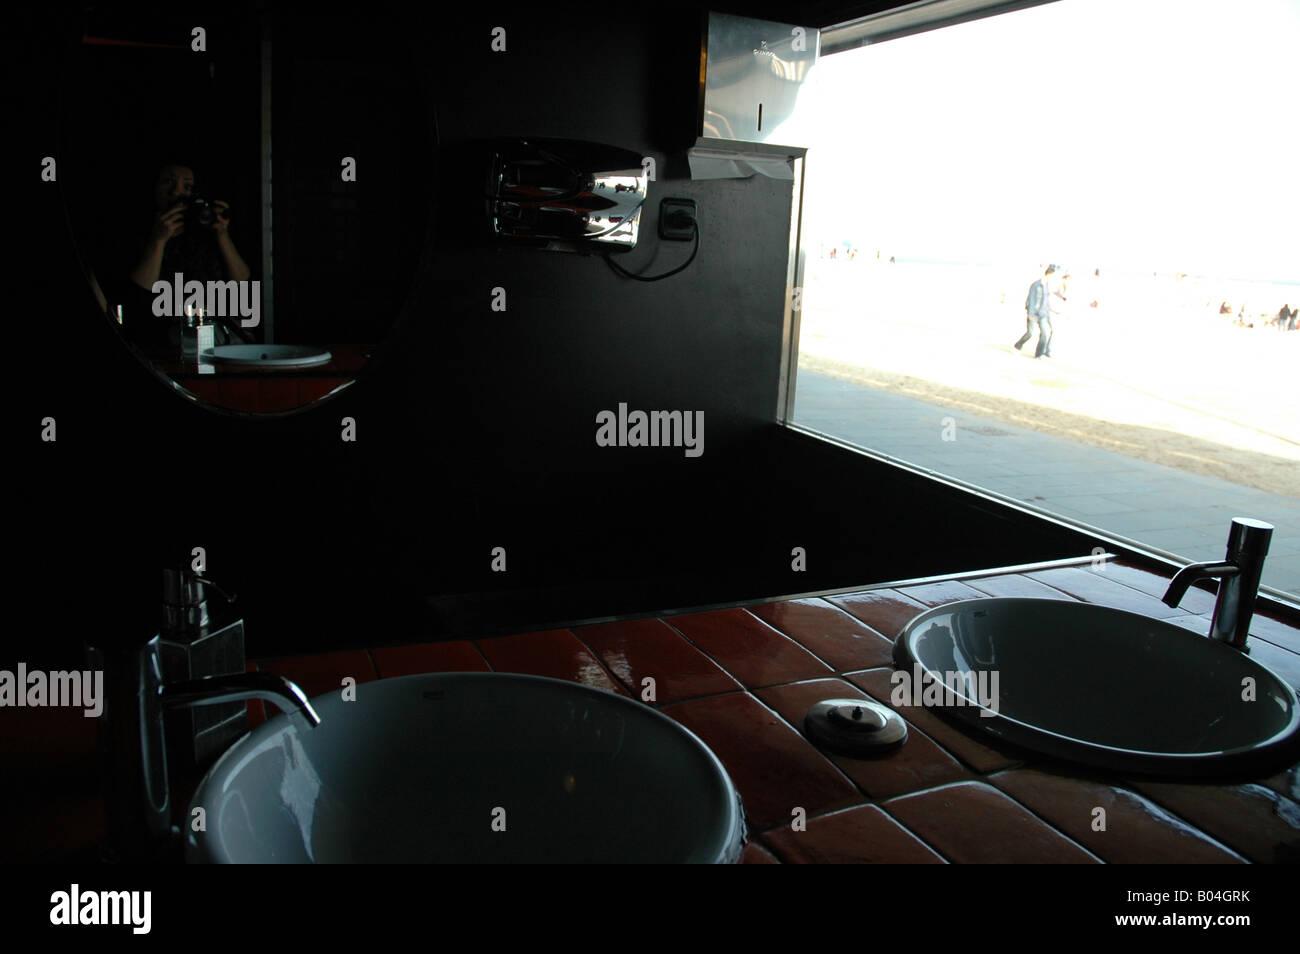 Strand beach sands strand Waschbecken wash basin washbowl Spiegel mirror D N Spiegelung reflection mirroring Fotografieren - Stock Image